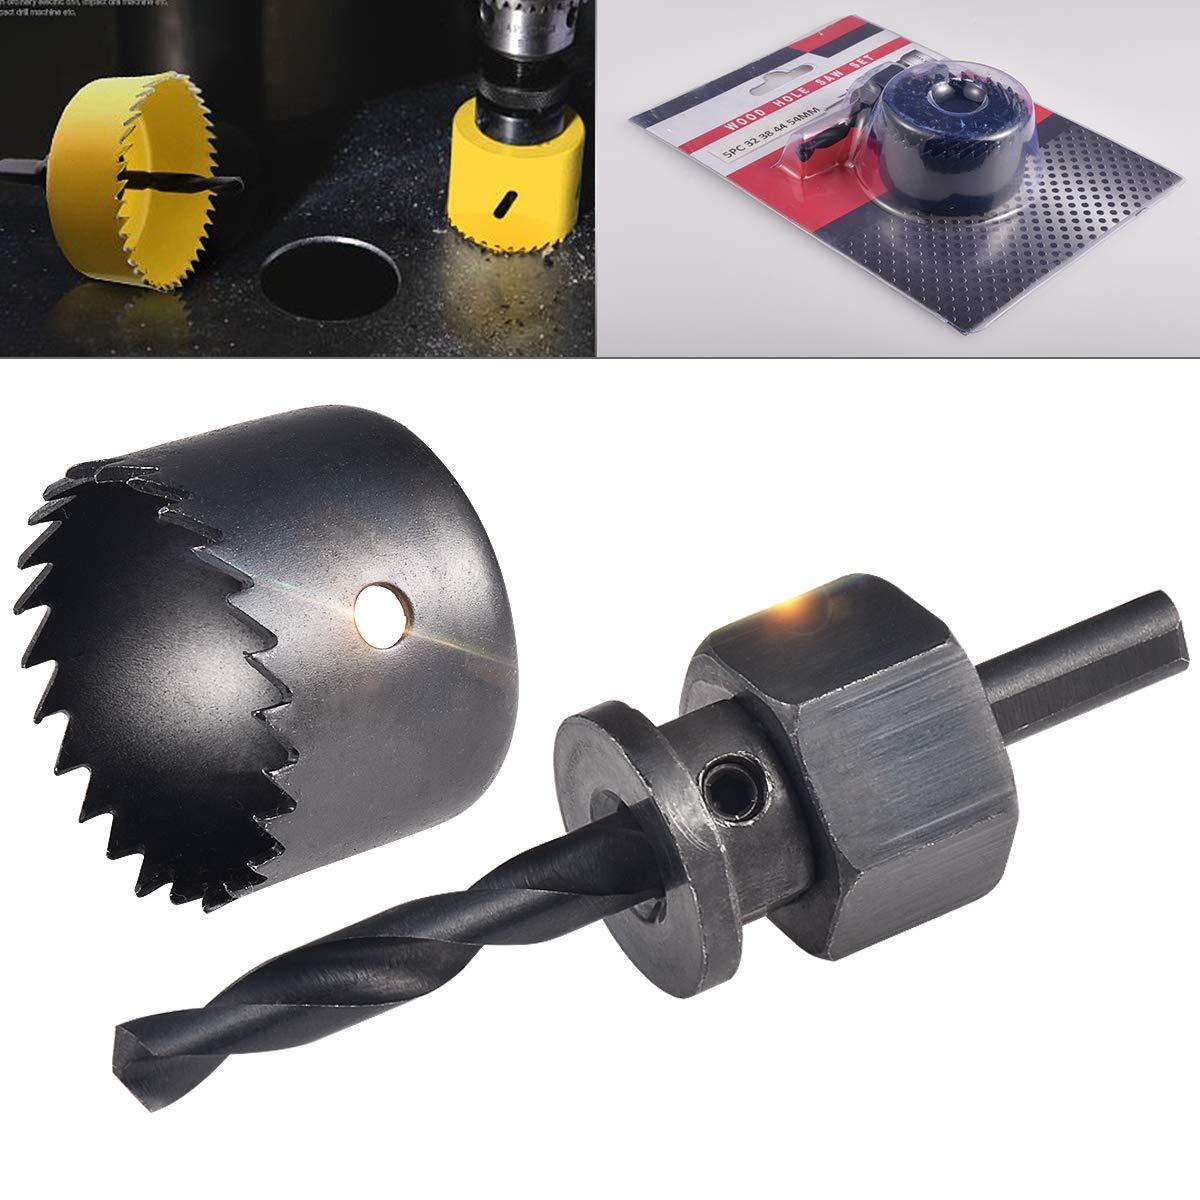 PVC 54/mm Scie-cloche kit Cl/é hexagonale et installer plaque pour planche de bois HOHXEN Scie-cloche Lot de 5/pi/èces 38 per/çage dassiette en plastique